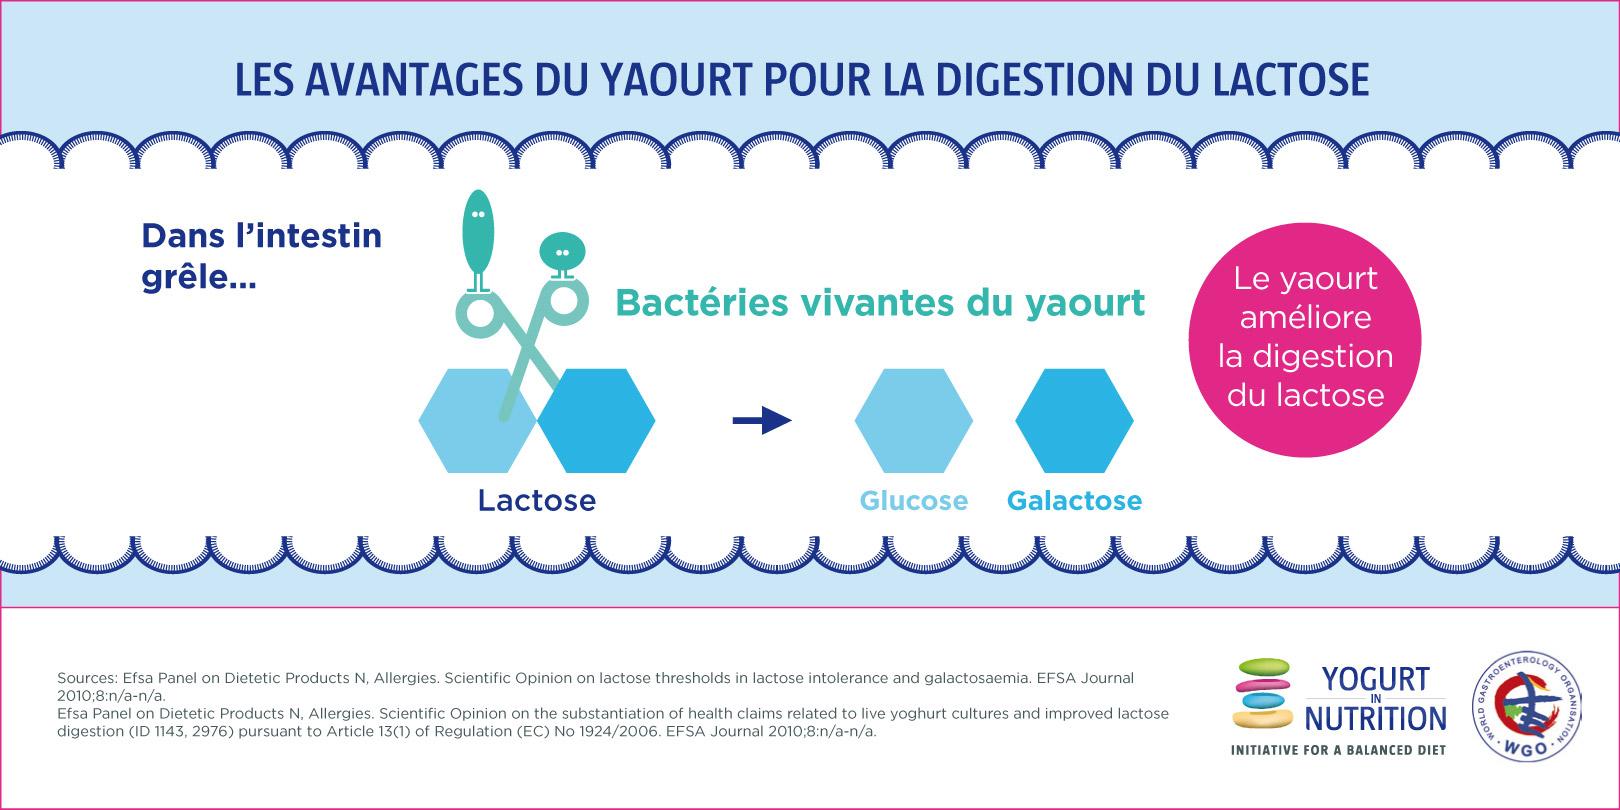 avantage du yaourt dans la digestion du lactose